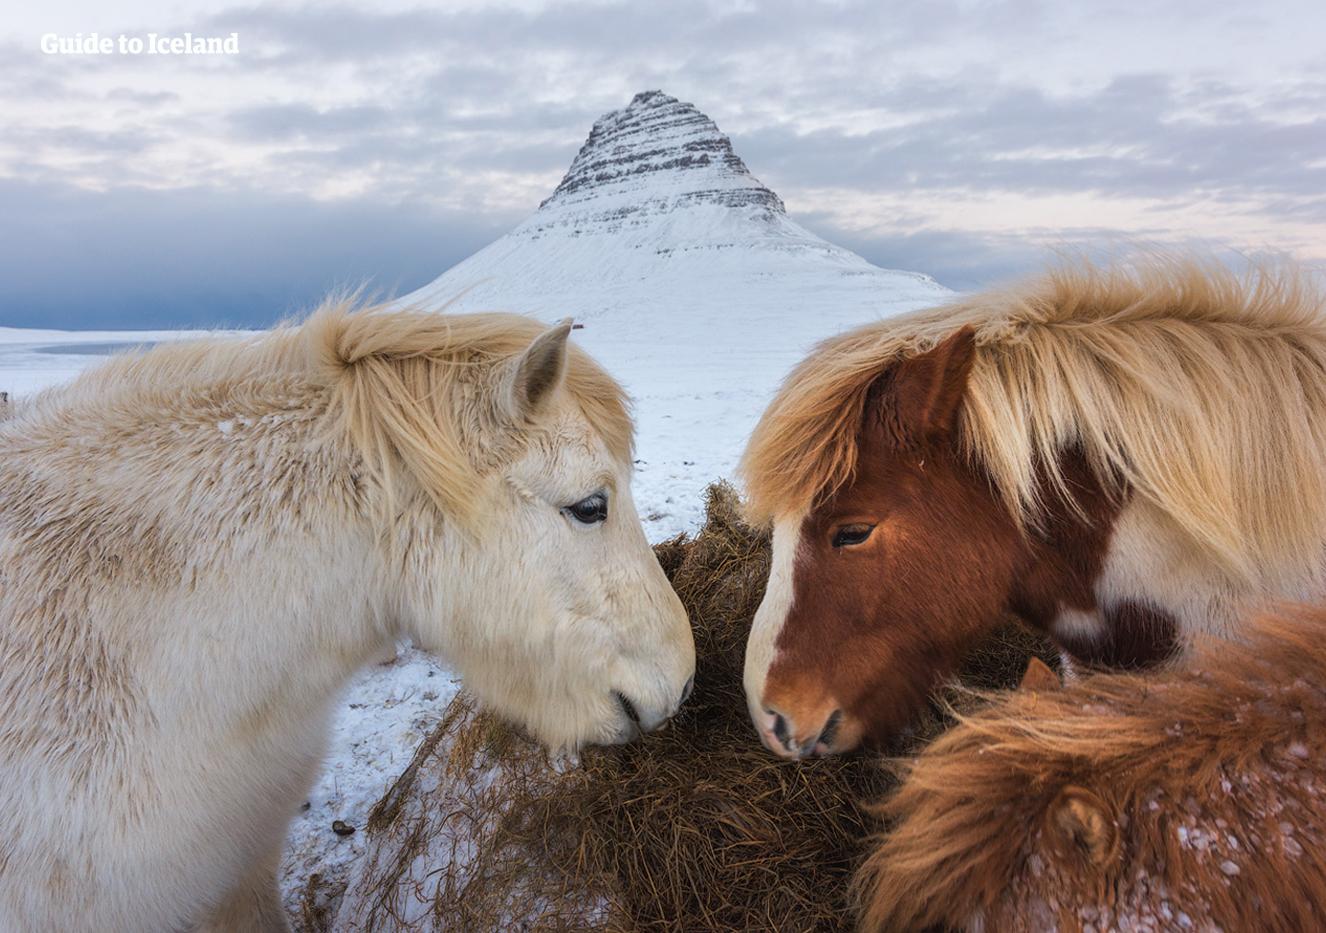 10天9夜 冬季冰岛 西南岸深度自驾游|一号公路+斯奈山半岛+北极光